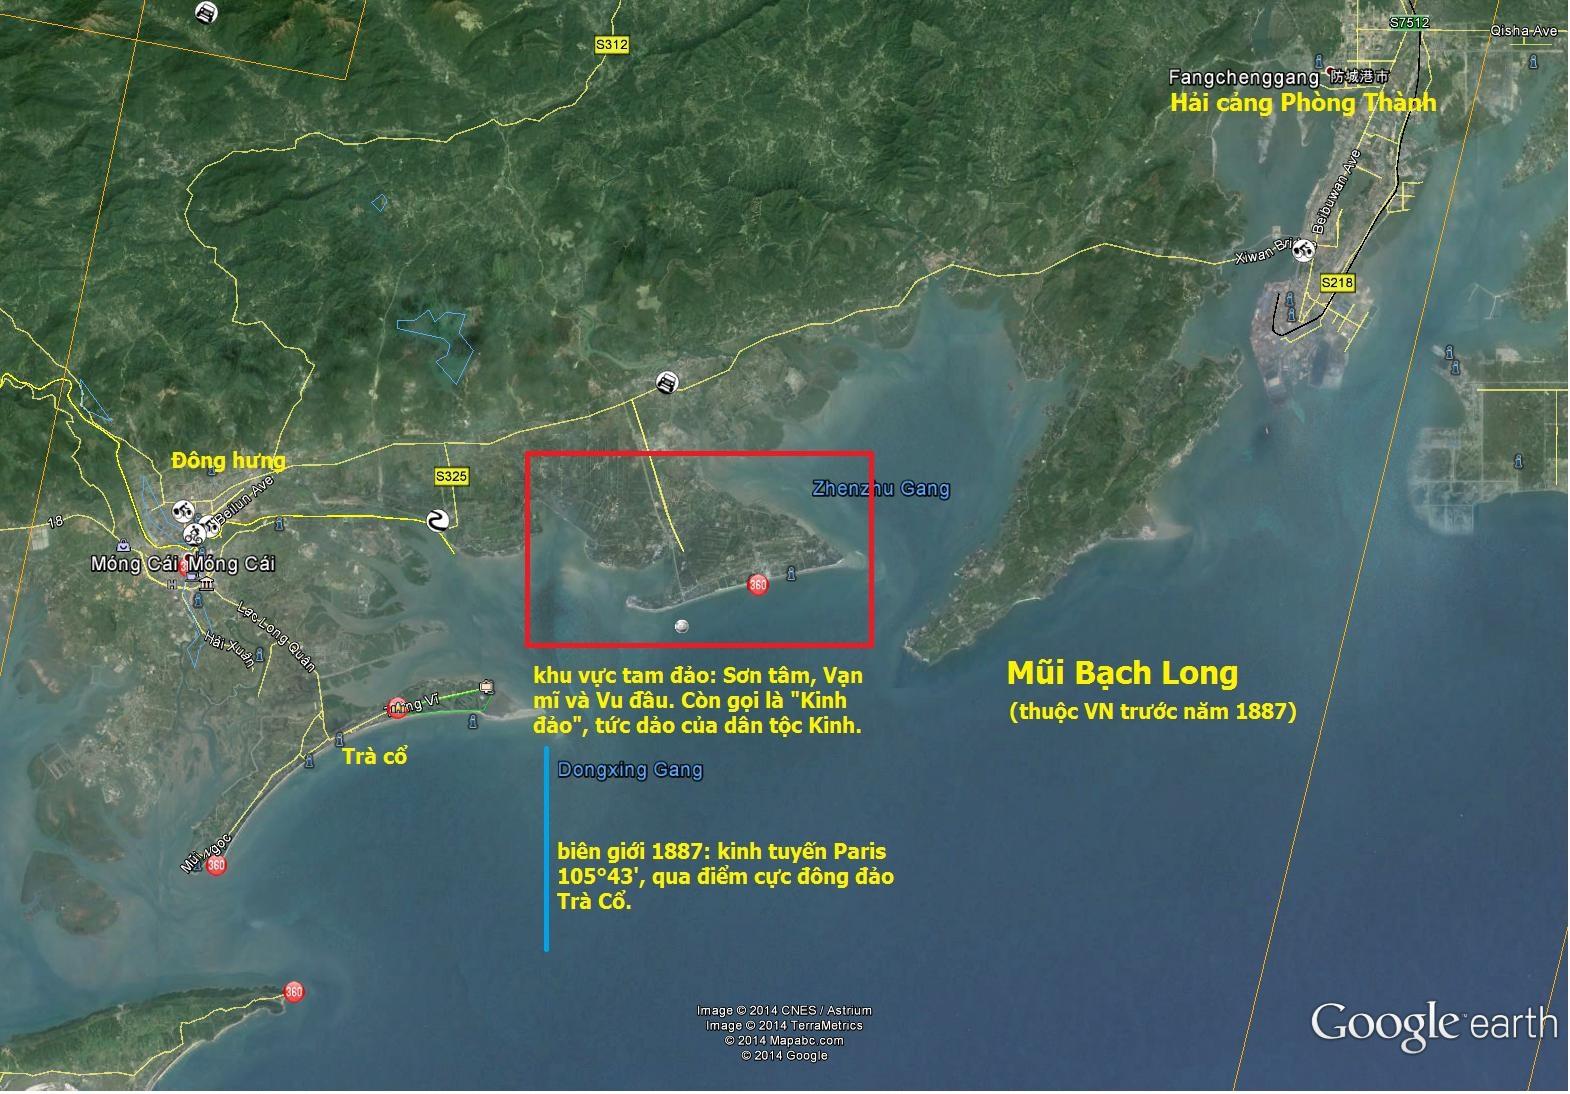 bản đồ google earth vùng bán đảo Bạch Long